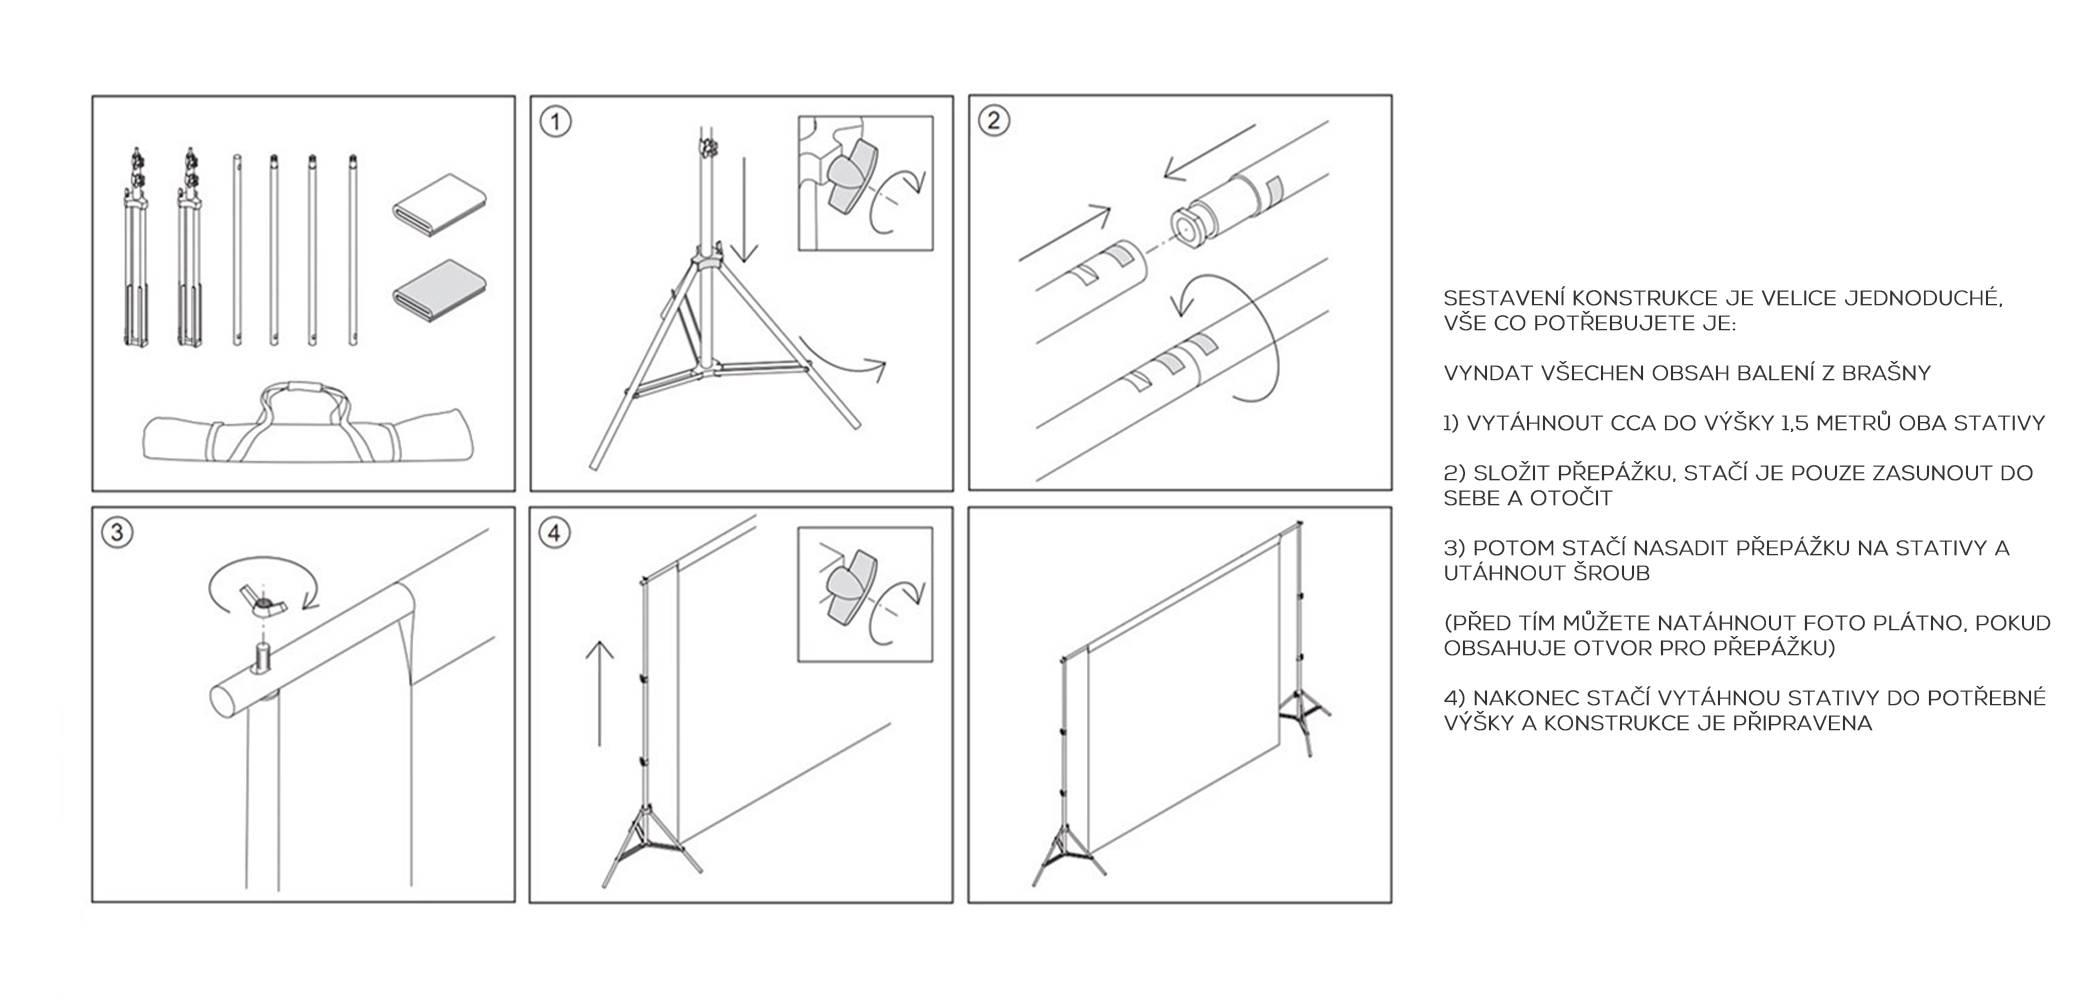 film-technika-konstrukce-pro-upevnění-foto-pozadí-sestavení